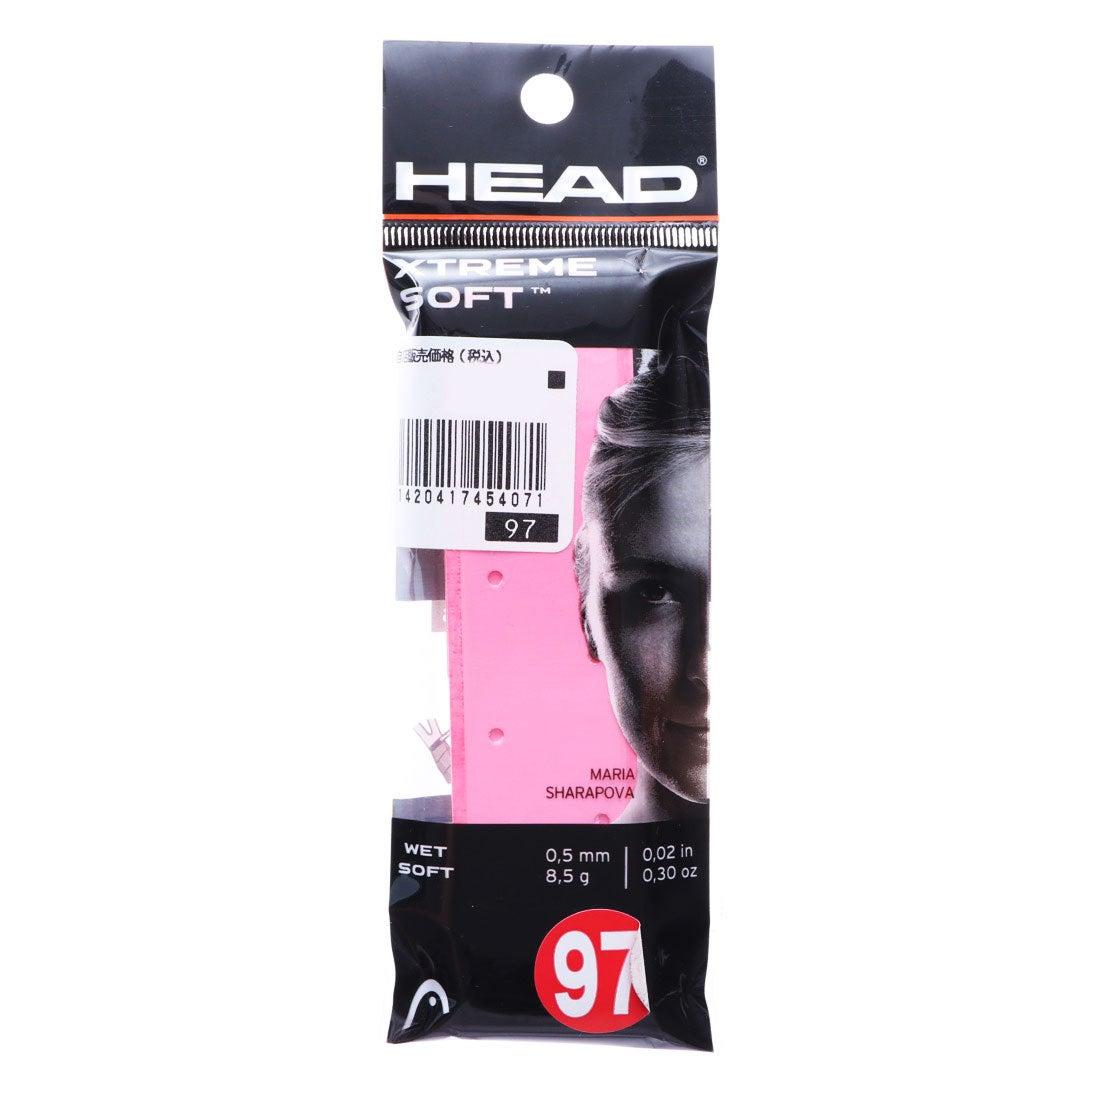 ヘッド HEAD ユニセックス テニス グリップテープ エクストリームソフト シングル 285844